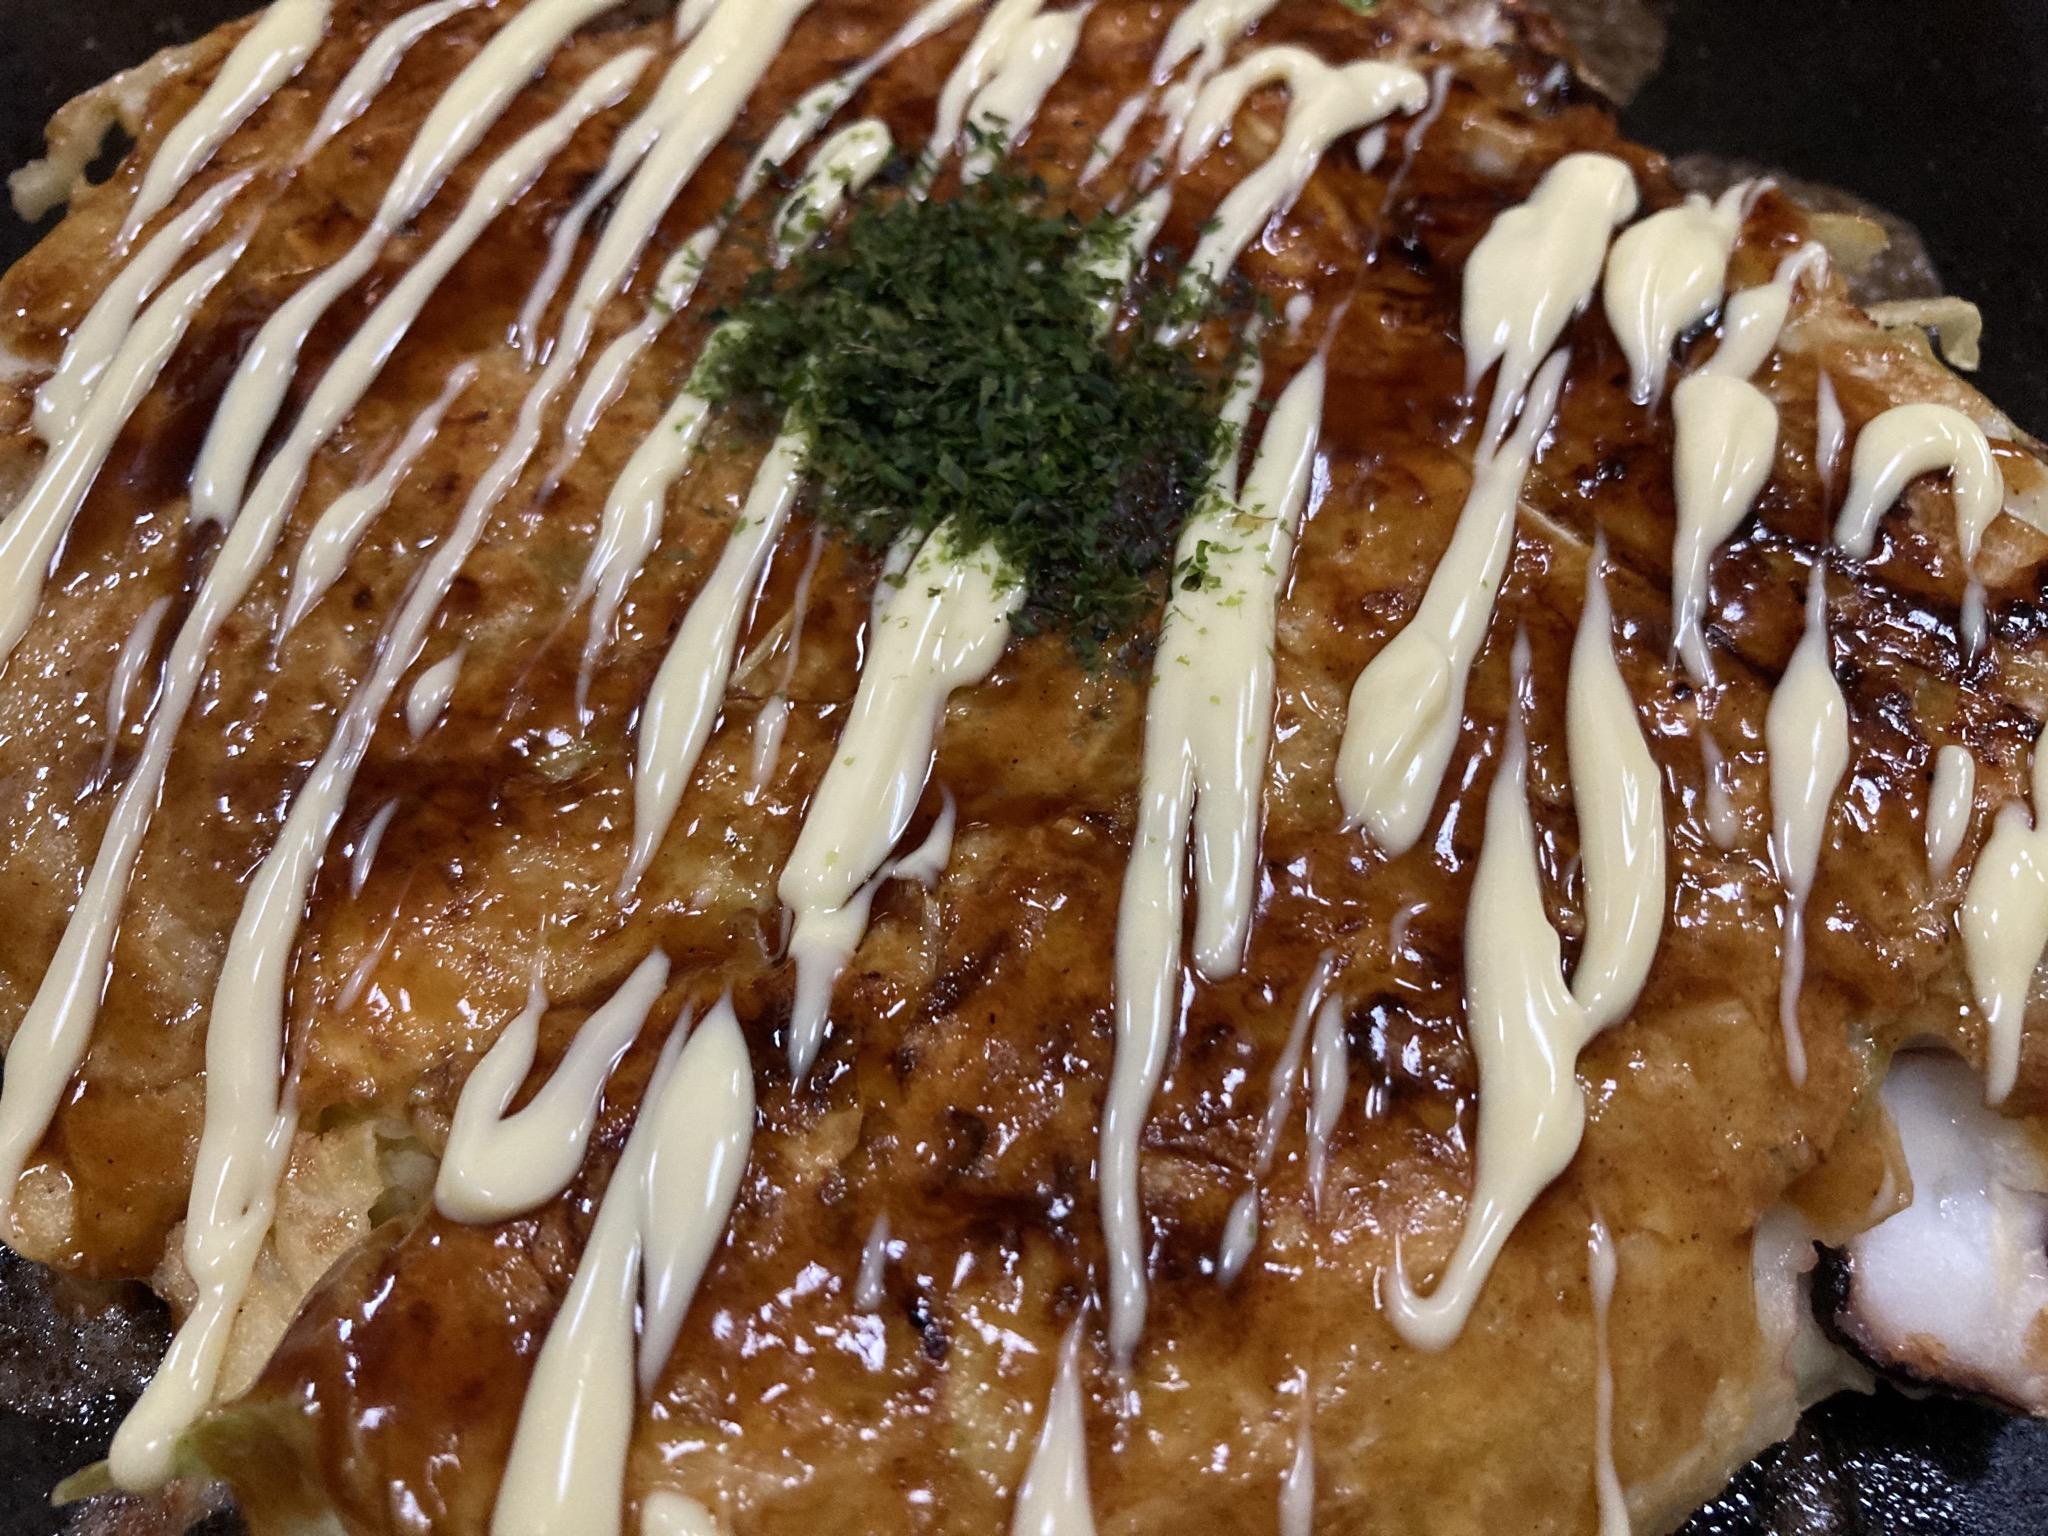 JR卯之町駅から歩いて2分!地元で人気のお好み焼き屋「菊水」をご紹介します!